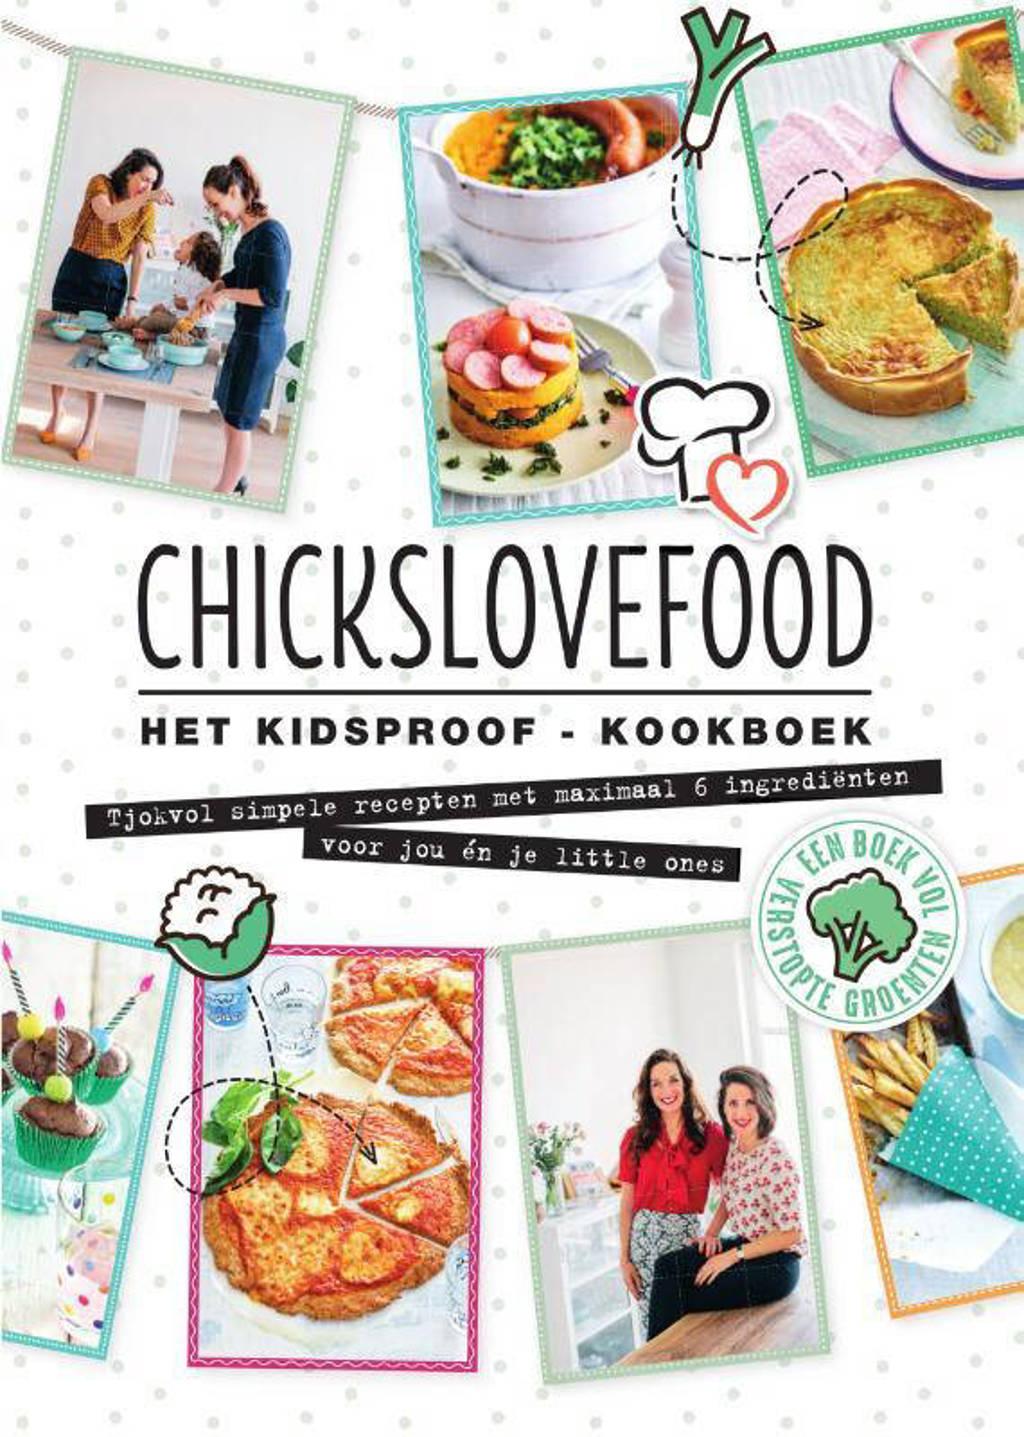 Chickslovefood Het kidsproof-kookboek - Elise Gruppen en Nina de Bruijn